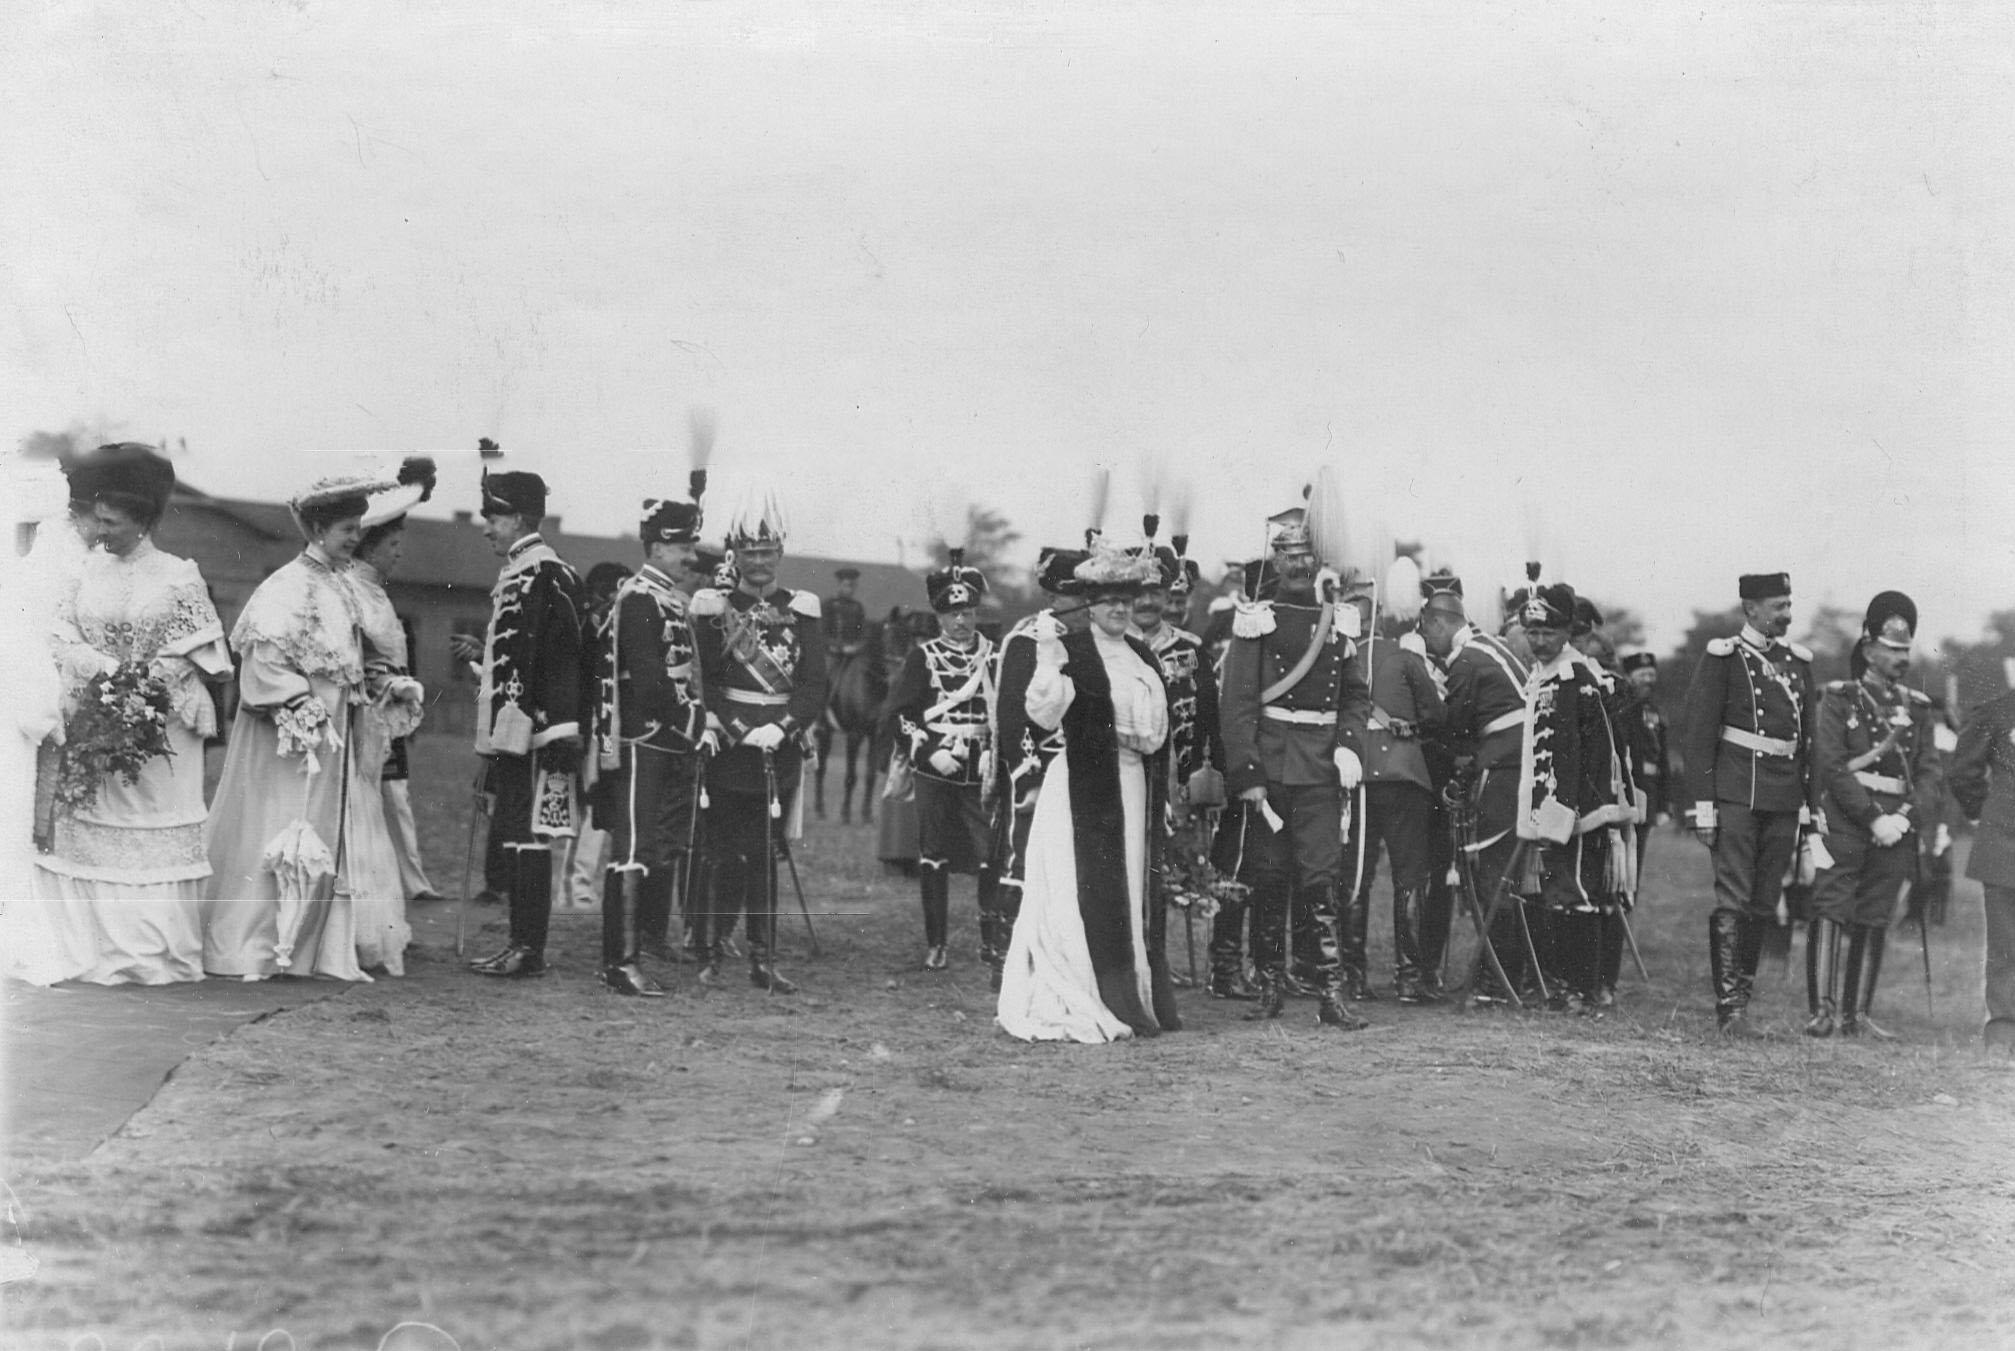 Офицеры германской армии - гусары и уланы на праздновании 250-летнего юбилея полка в обществе полковых дам